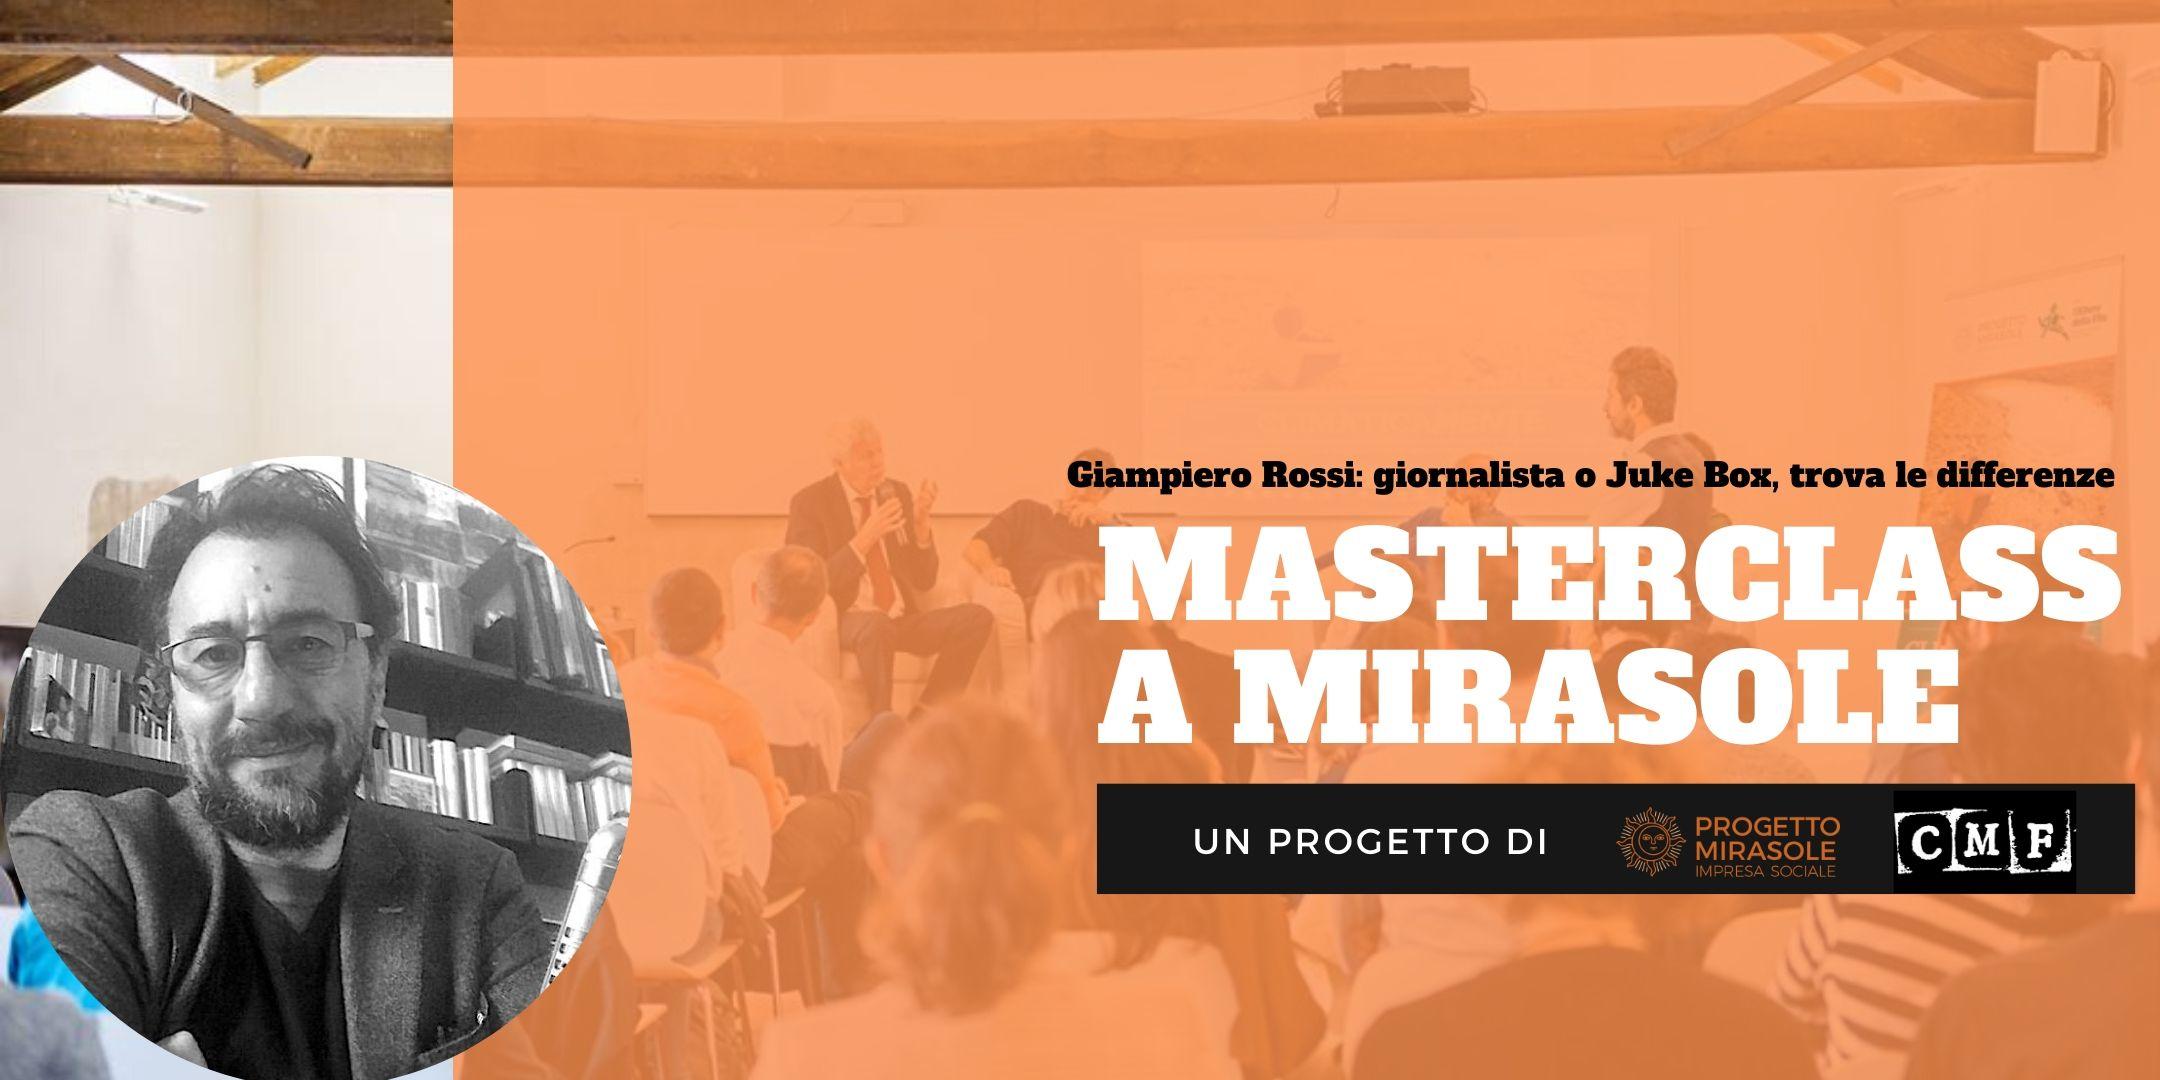 Giampiero Rossi: giornalista o Juke Box trova le differenze | Masterclass a Mirasole